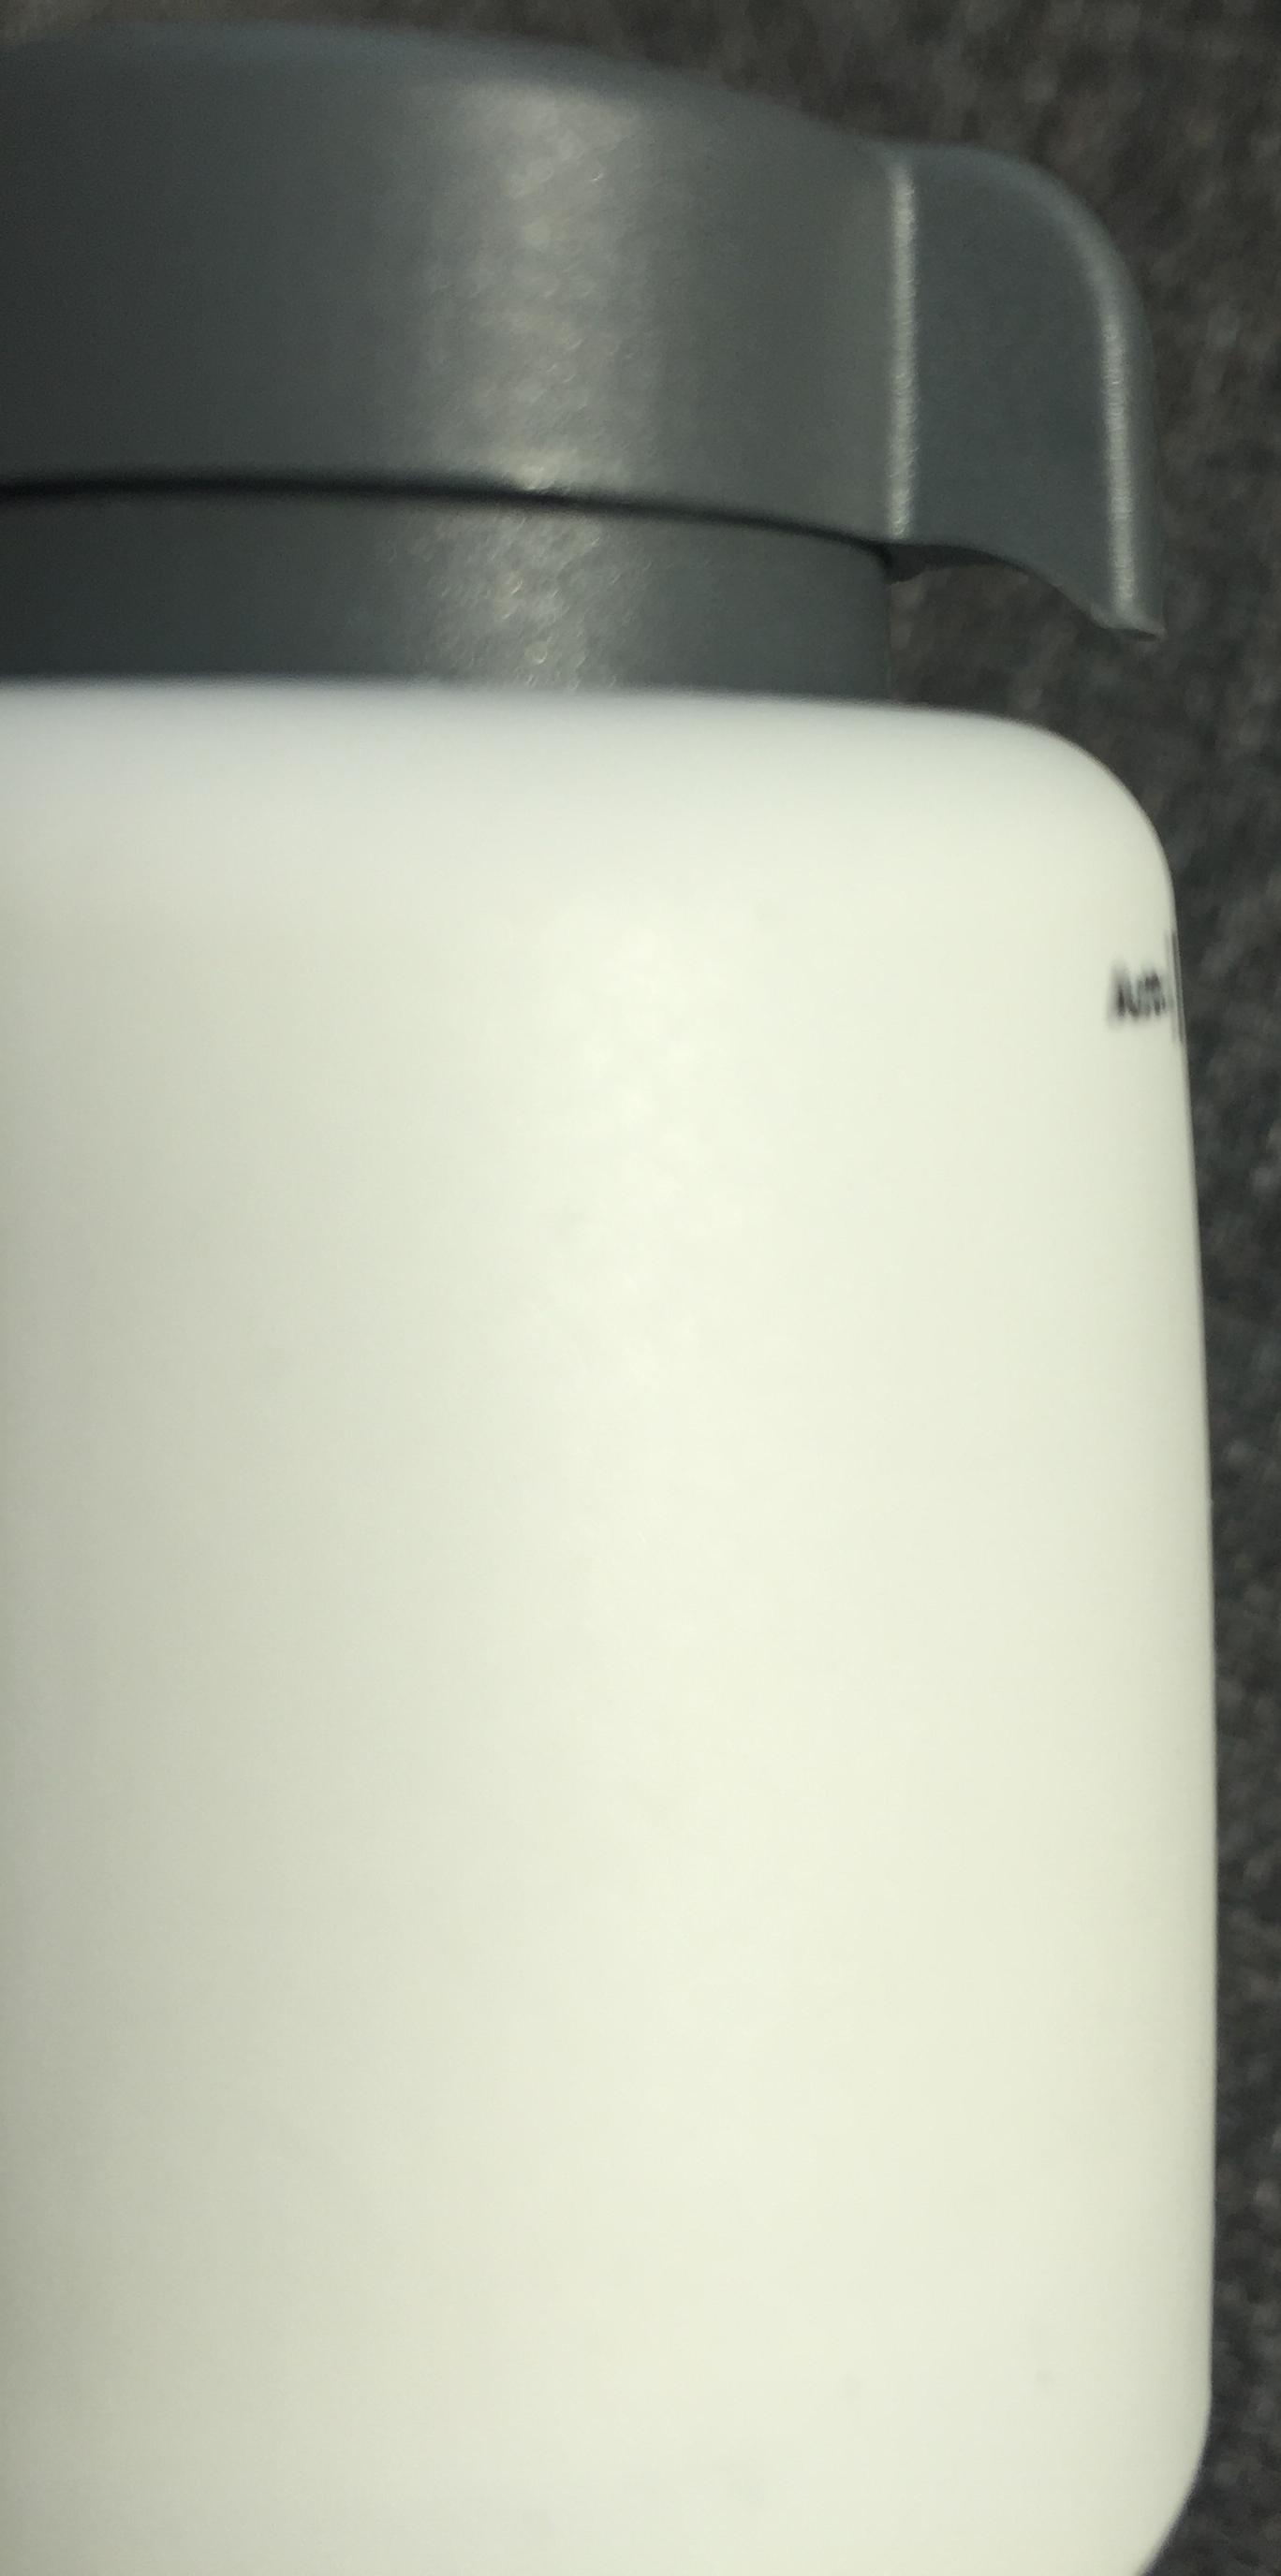 uand l'actuateur est ouvert ou en mode manuel, la bague grse est levée